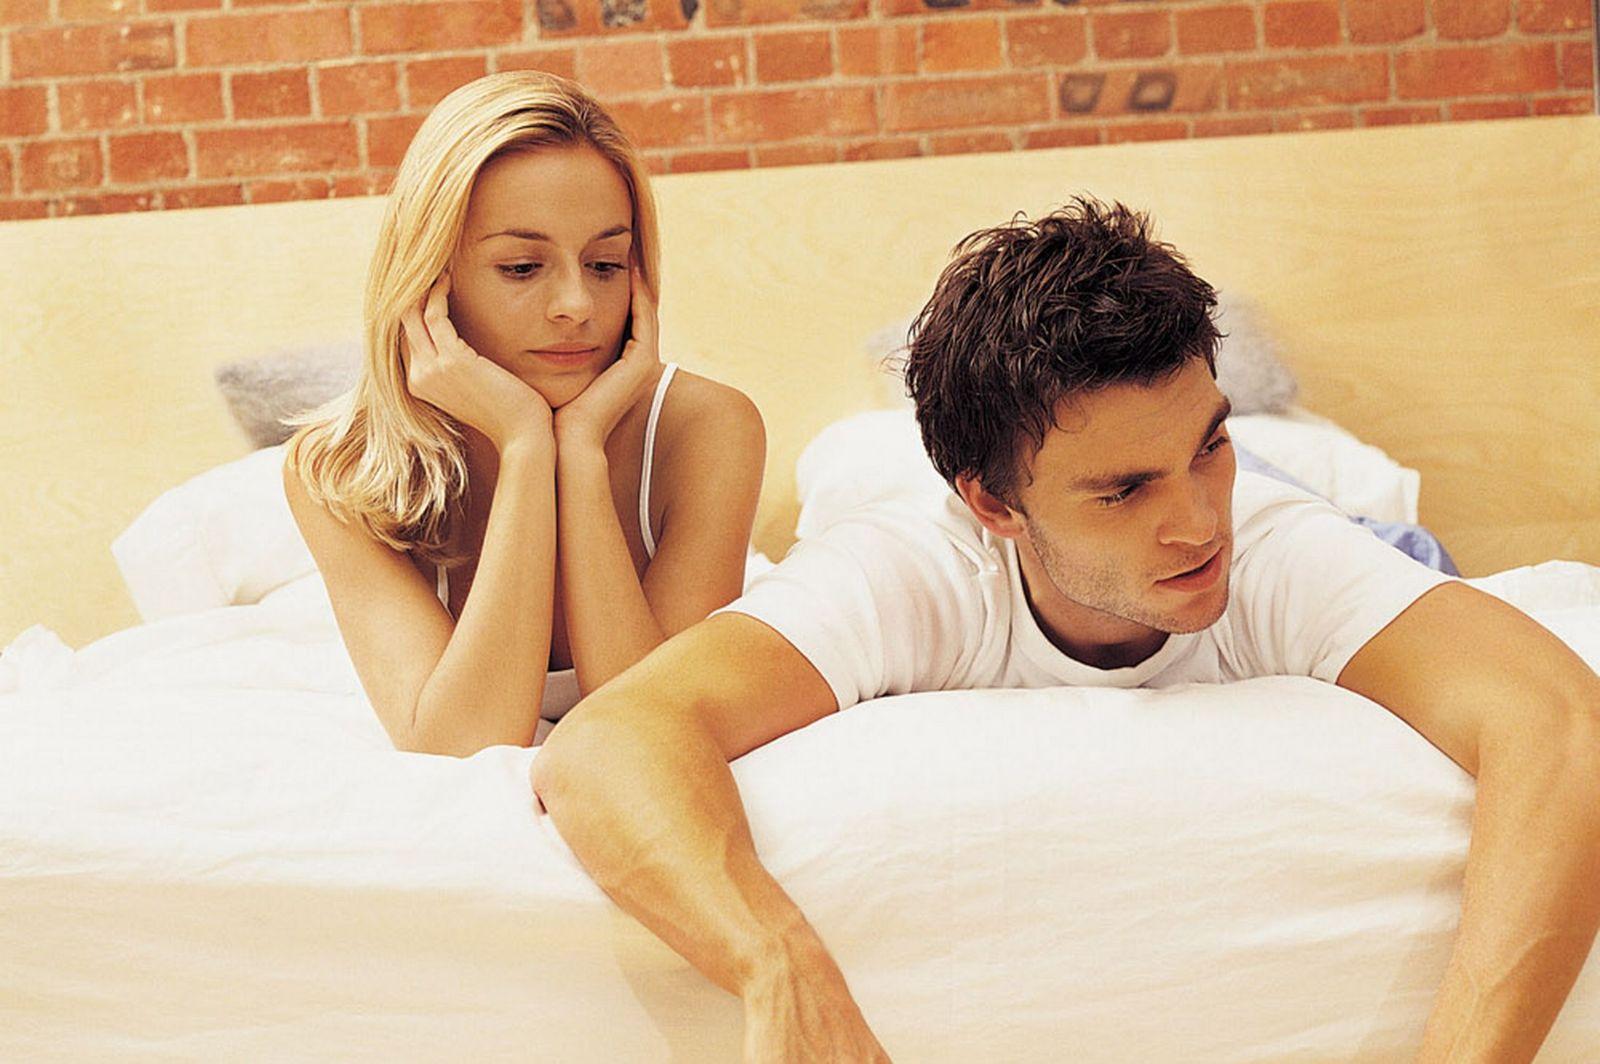 Suy giảm ham muốn tình dục thường gặp ở độ tuổi trung niên